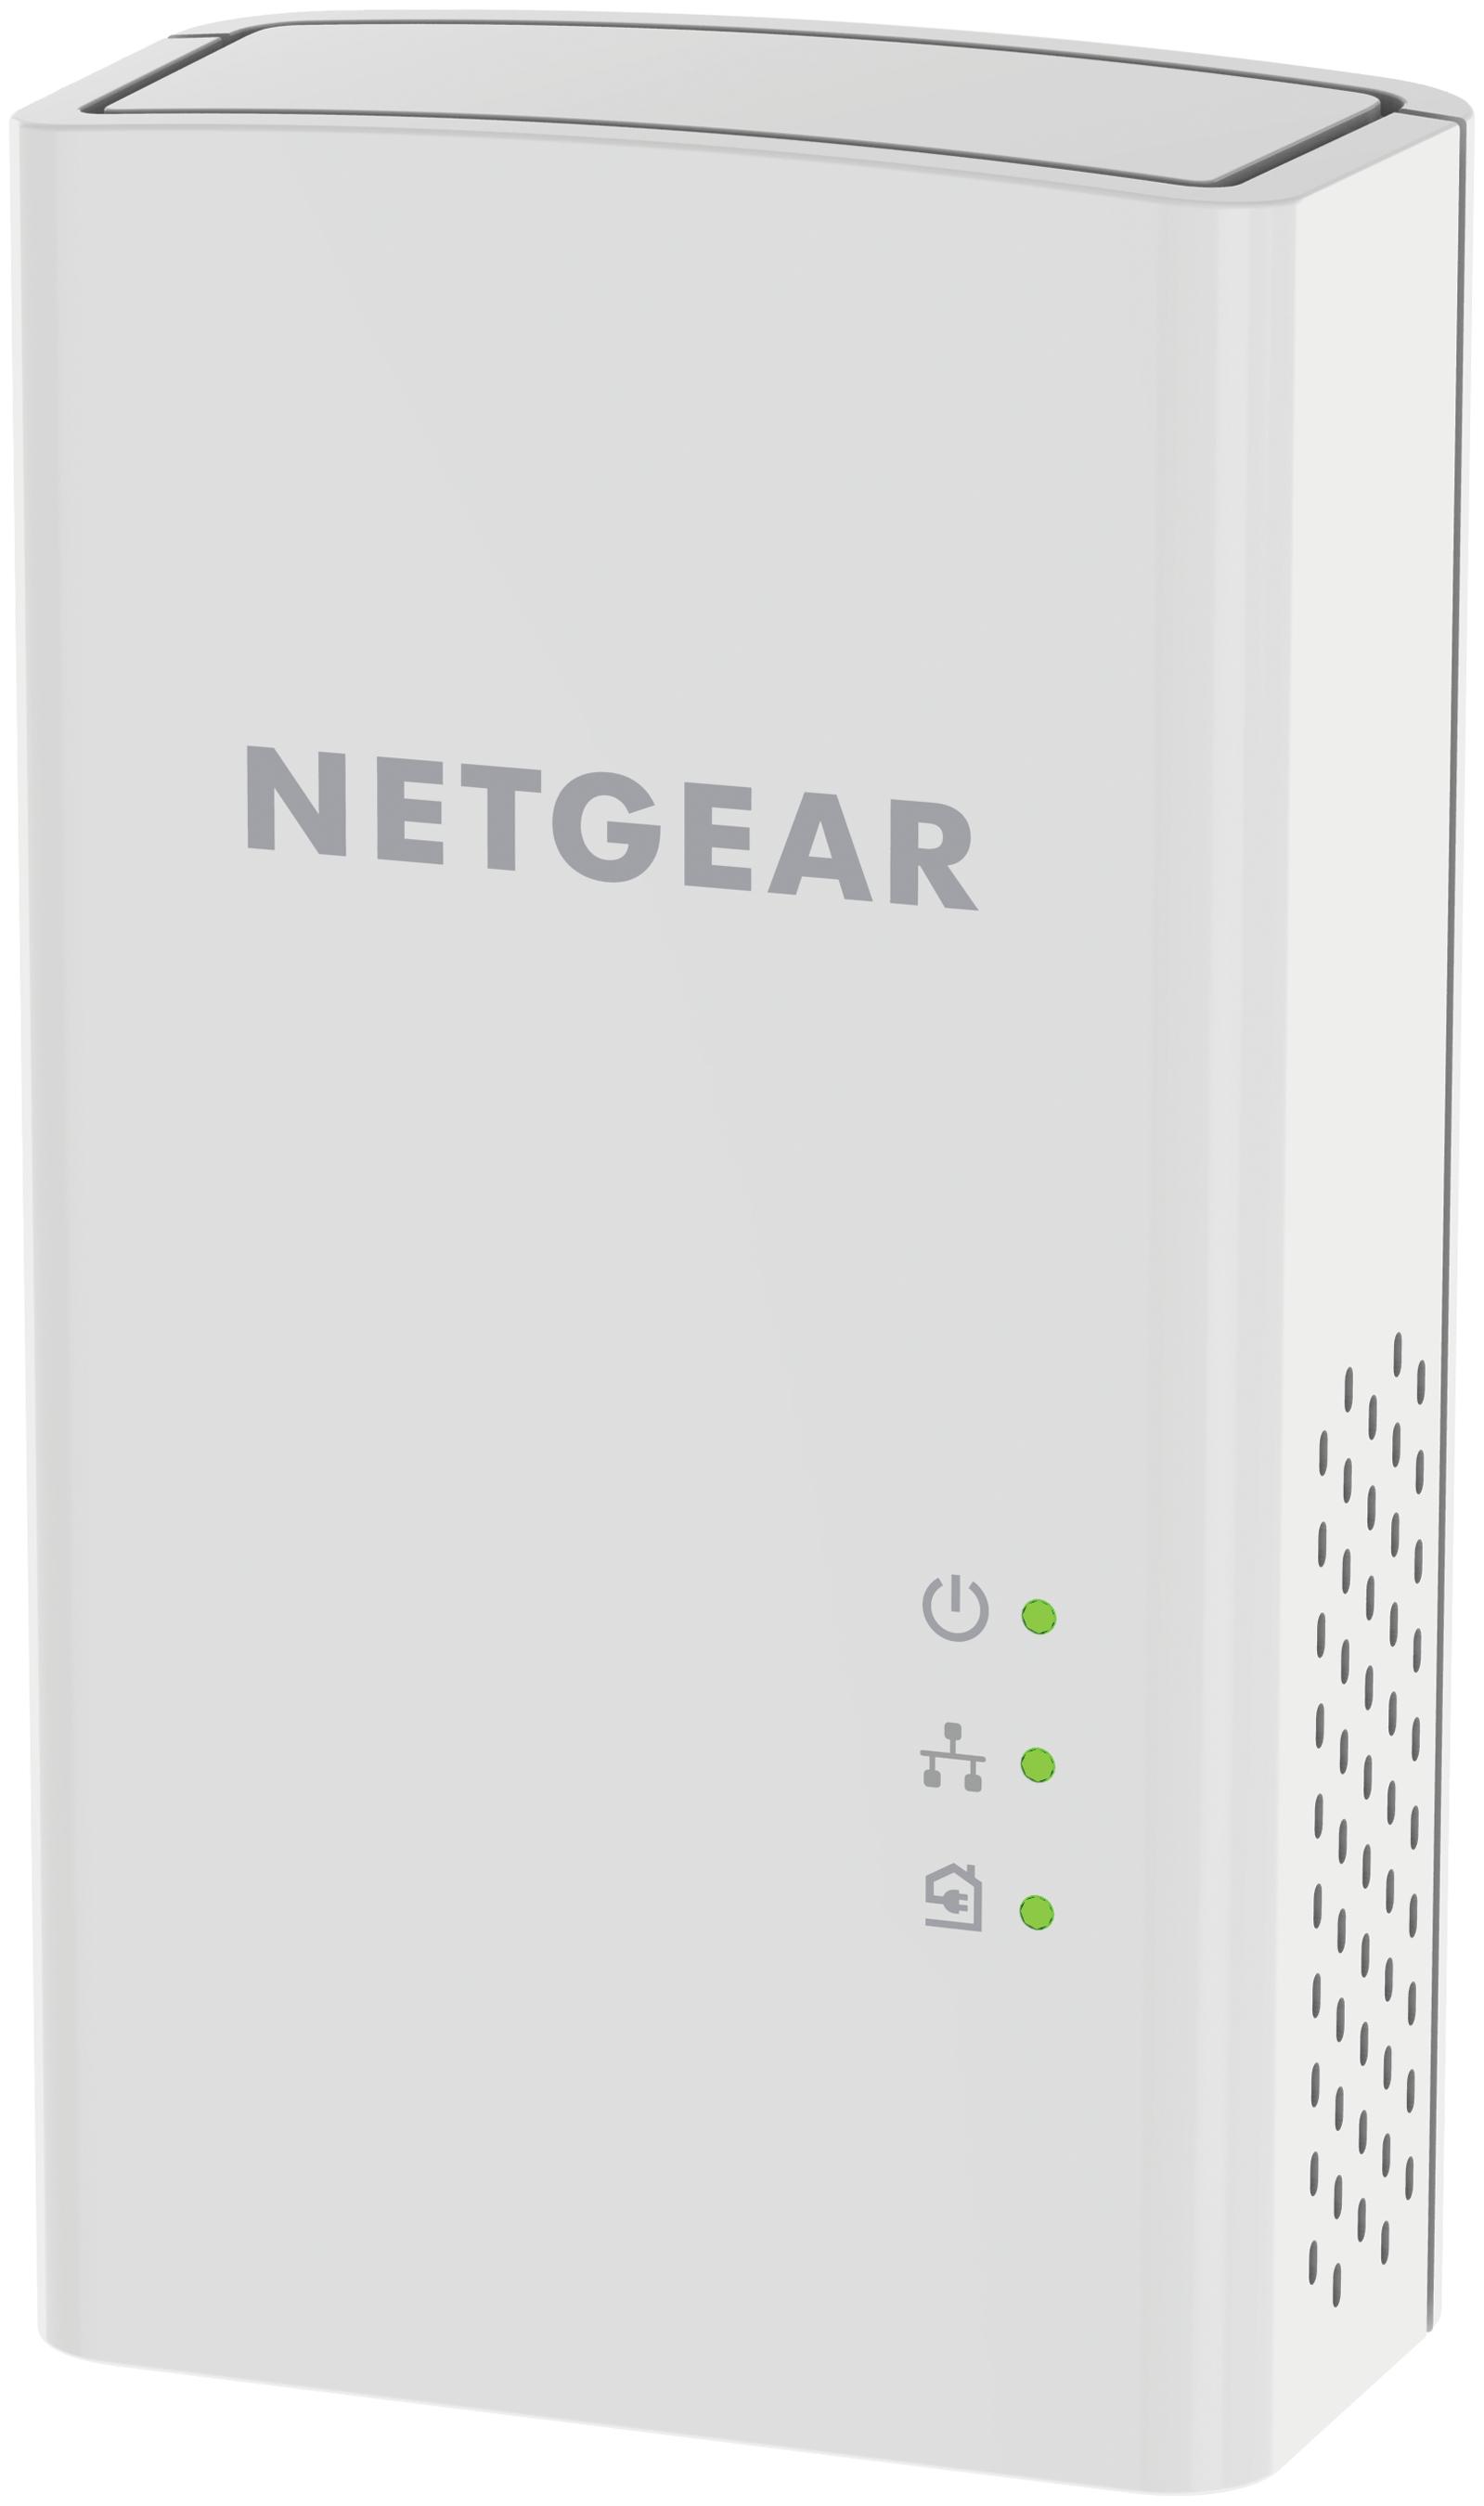 Netgear PL1200-100PES 1200Mbit/s Eingebauter Ethernet-Anschluss Weiß 2Stück(e) PowerLine Netzwerkadapter